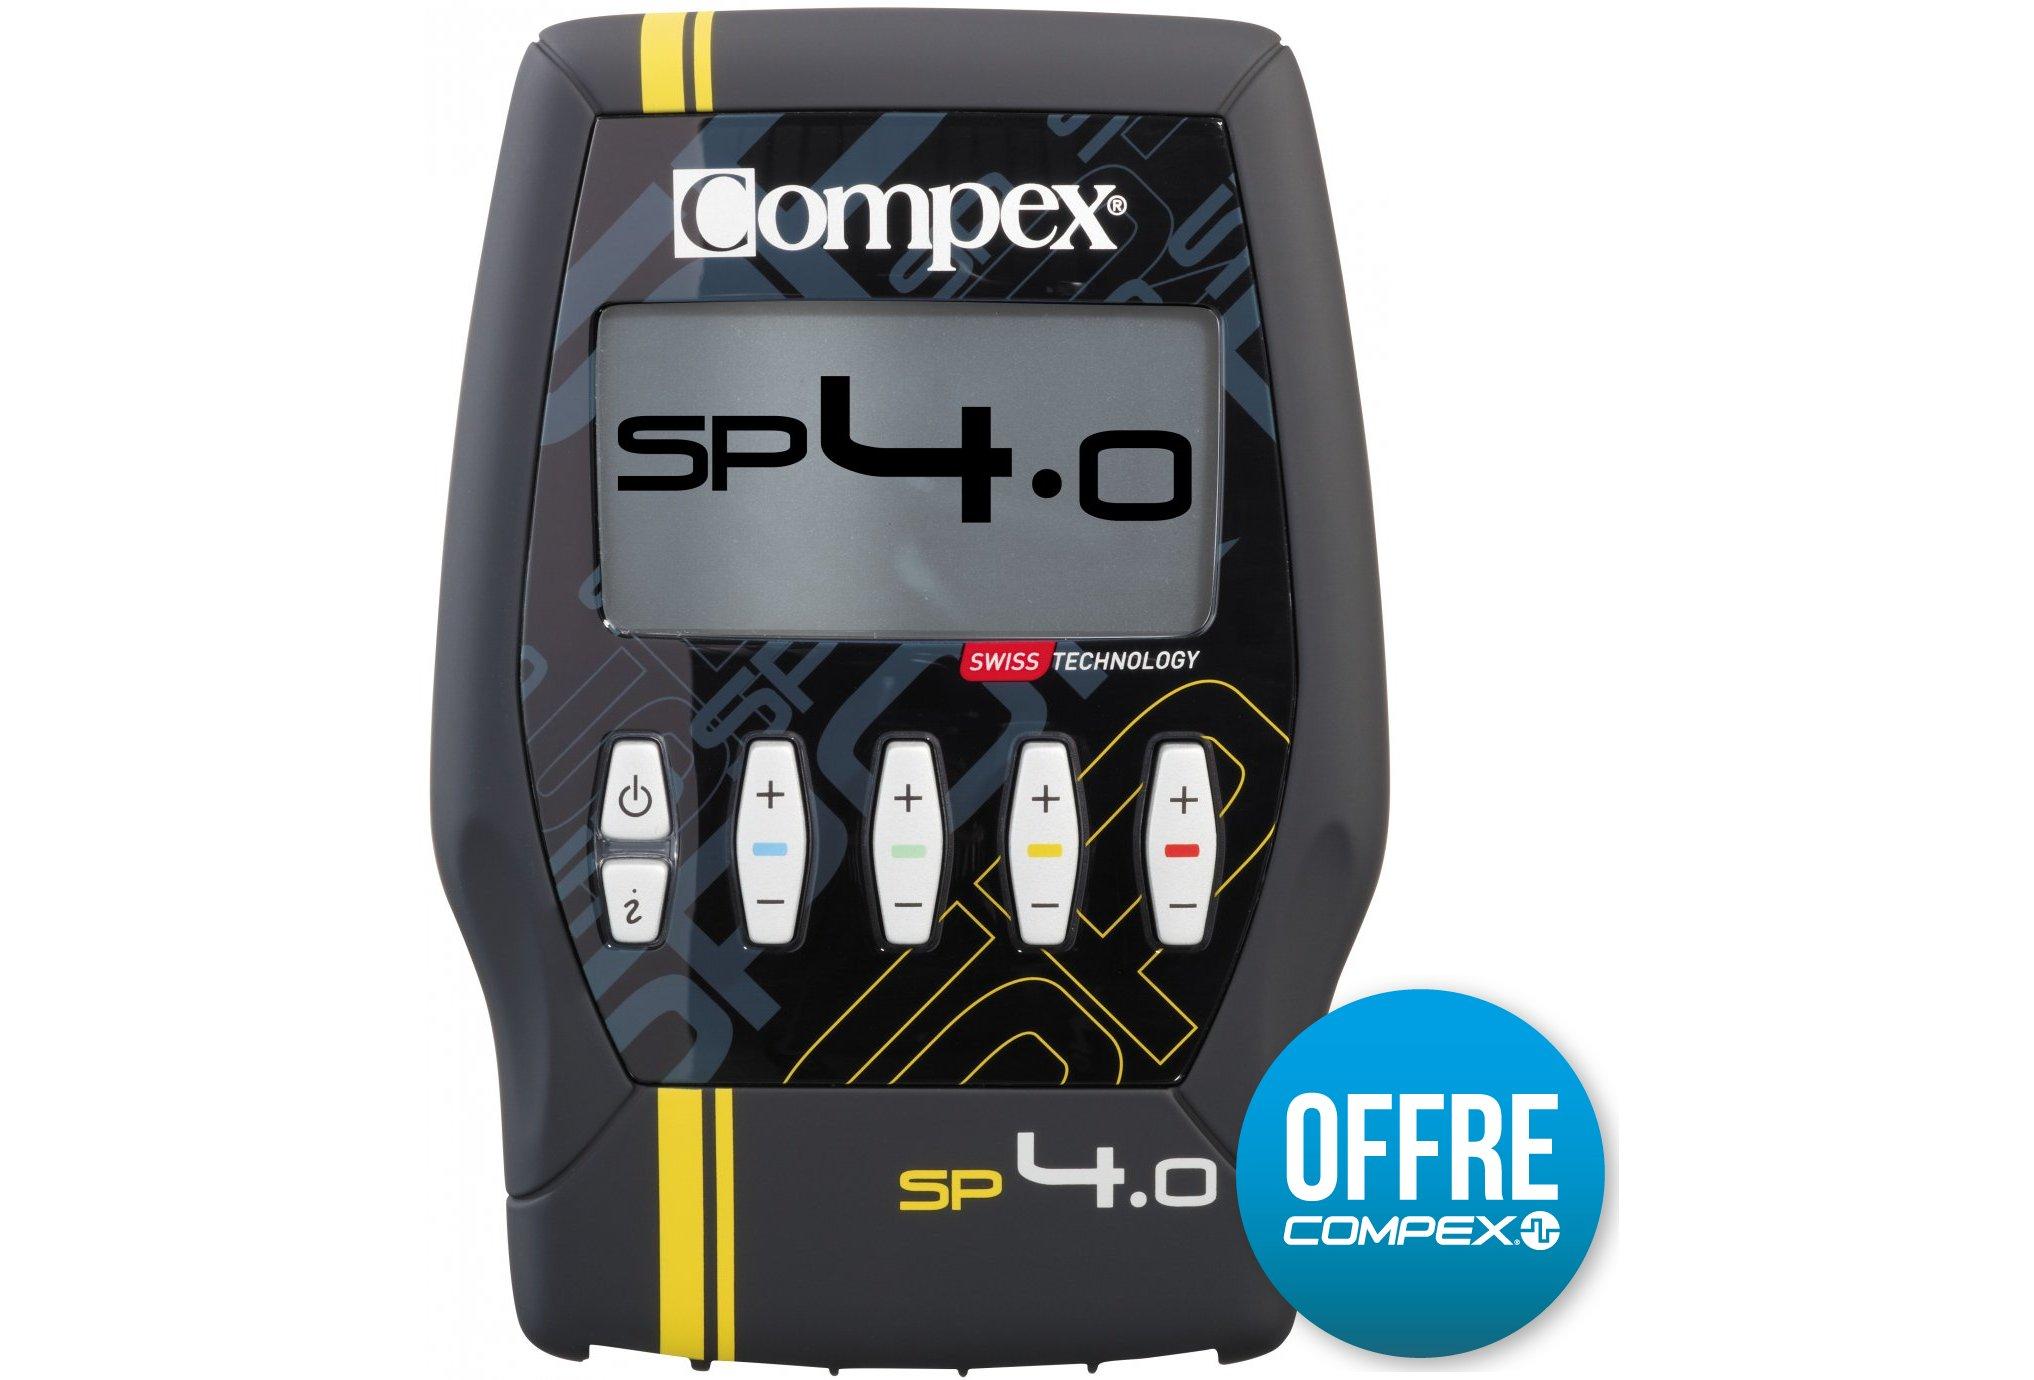 Compex Sp 4.0 electrostimulateur